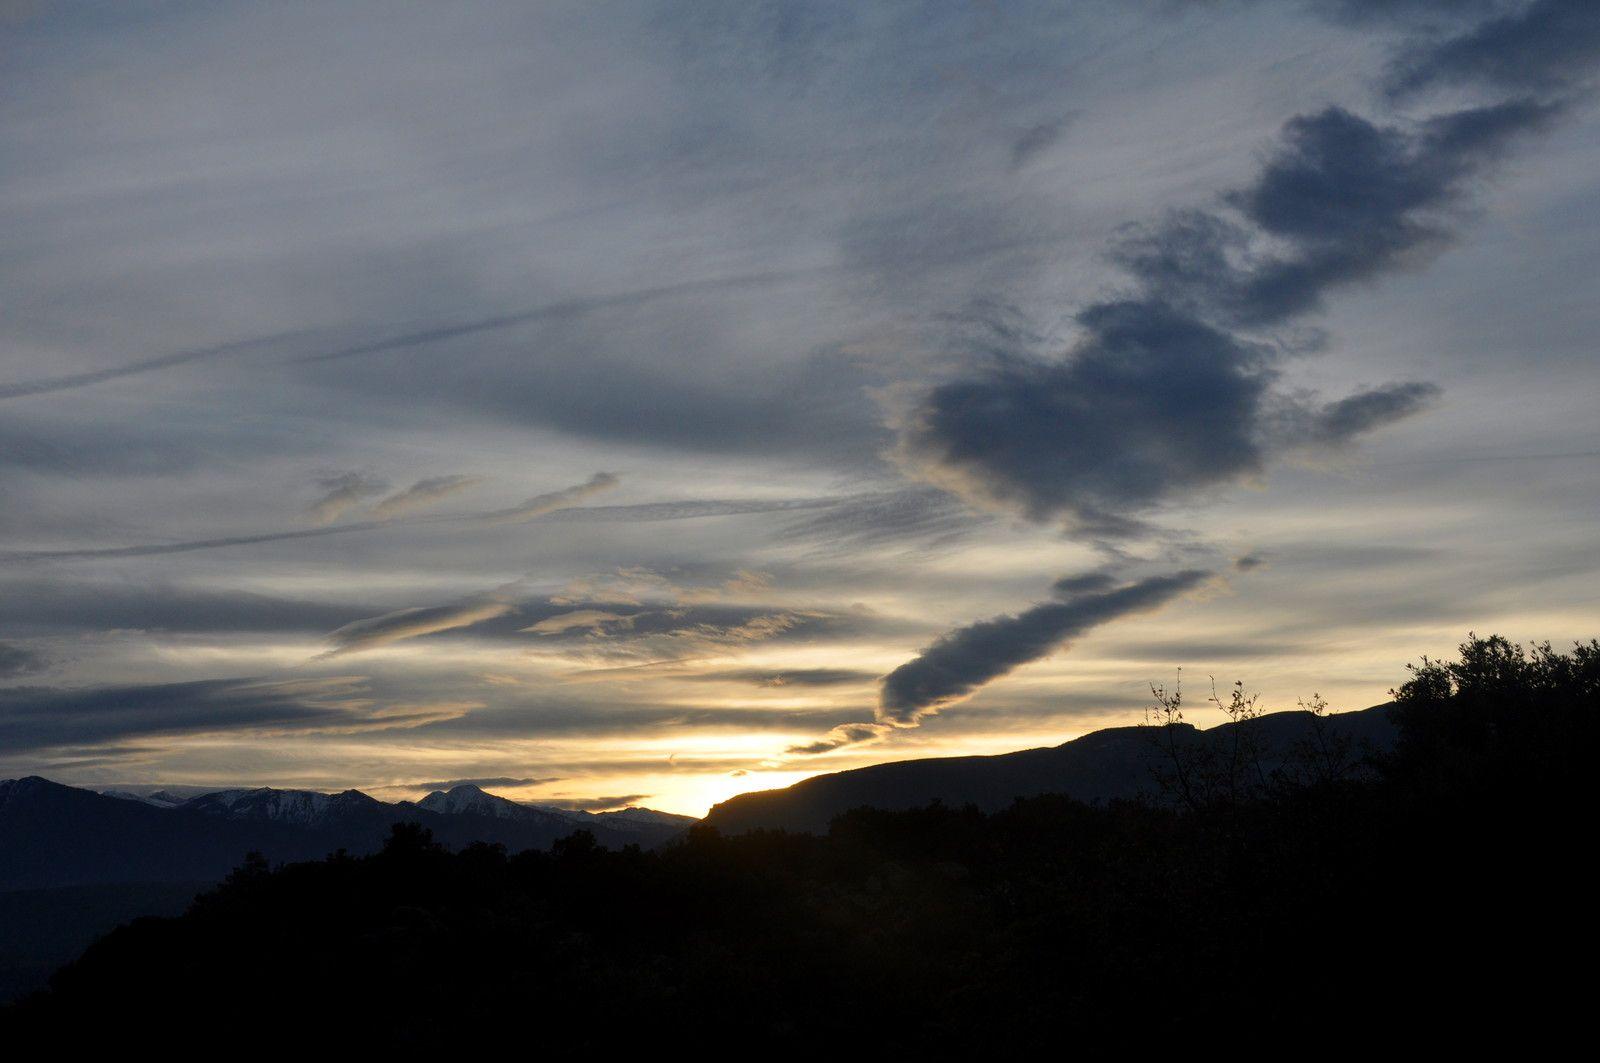 Le dessin des nuages qui bouge, magnifique.